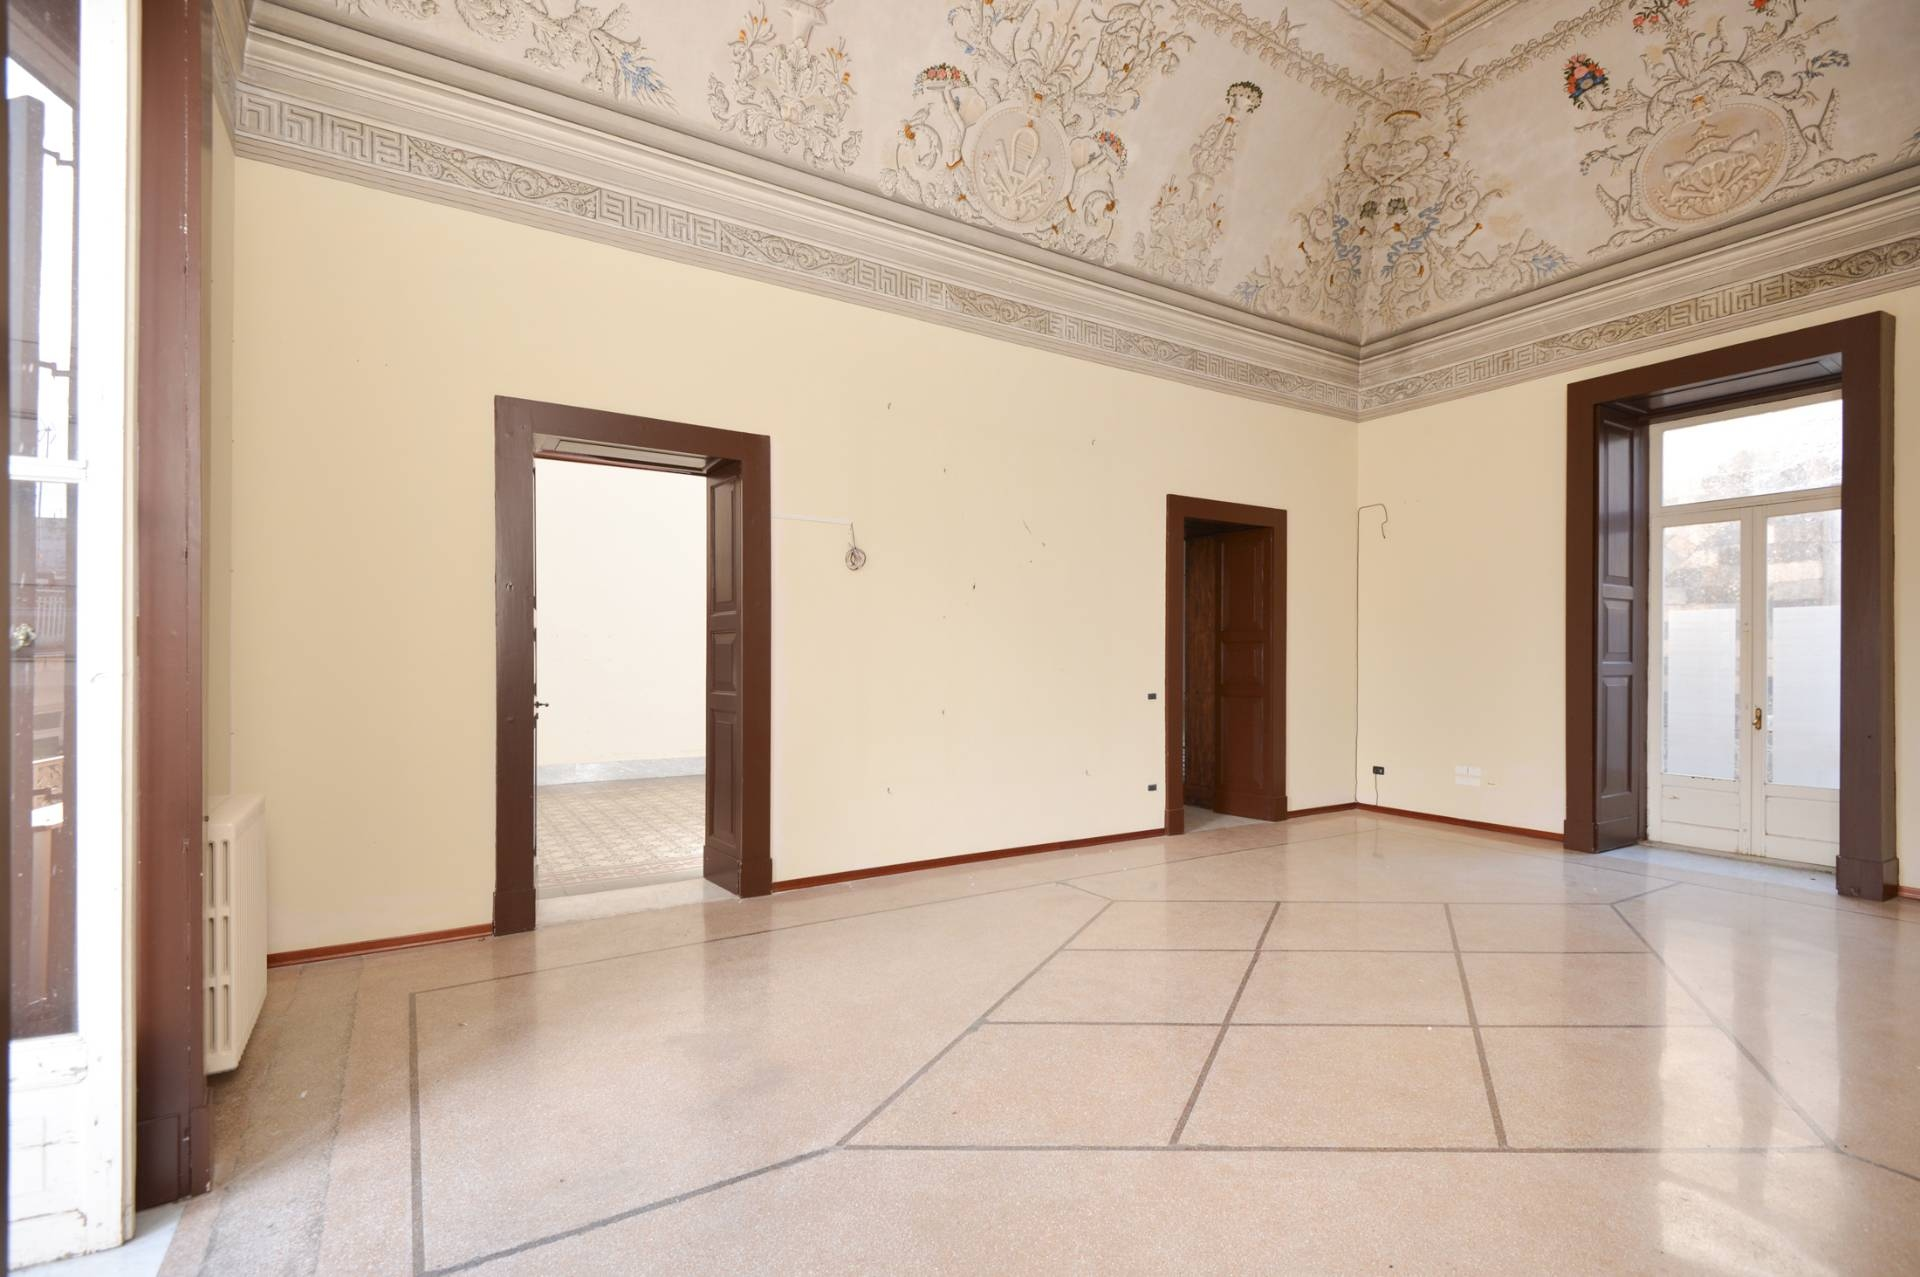 Soluzione Indipendente in vendita a Maglie, 14 locali, prezzo € 550.000 | CambioCasa.it